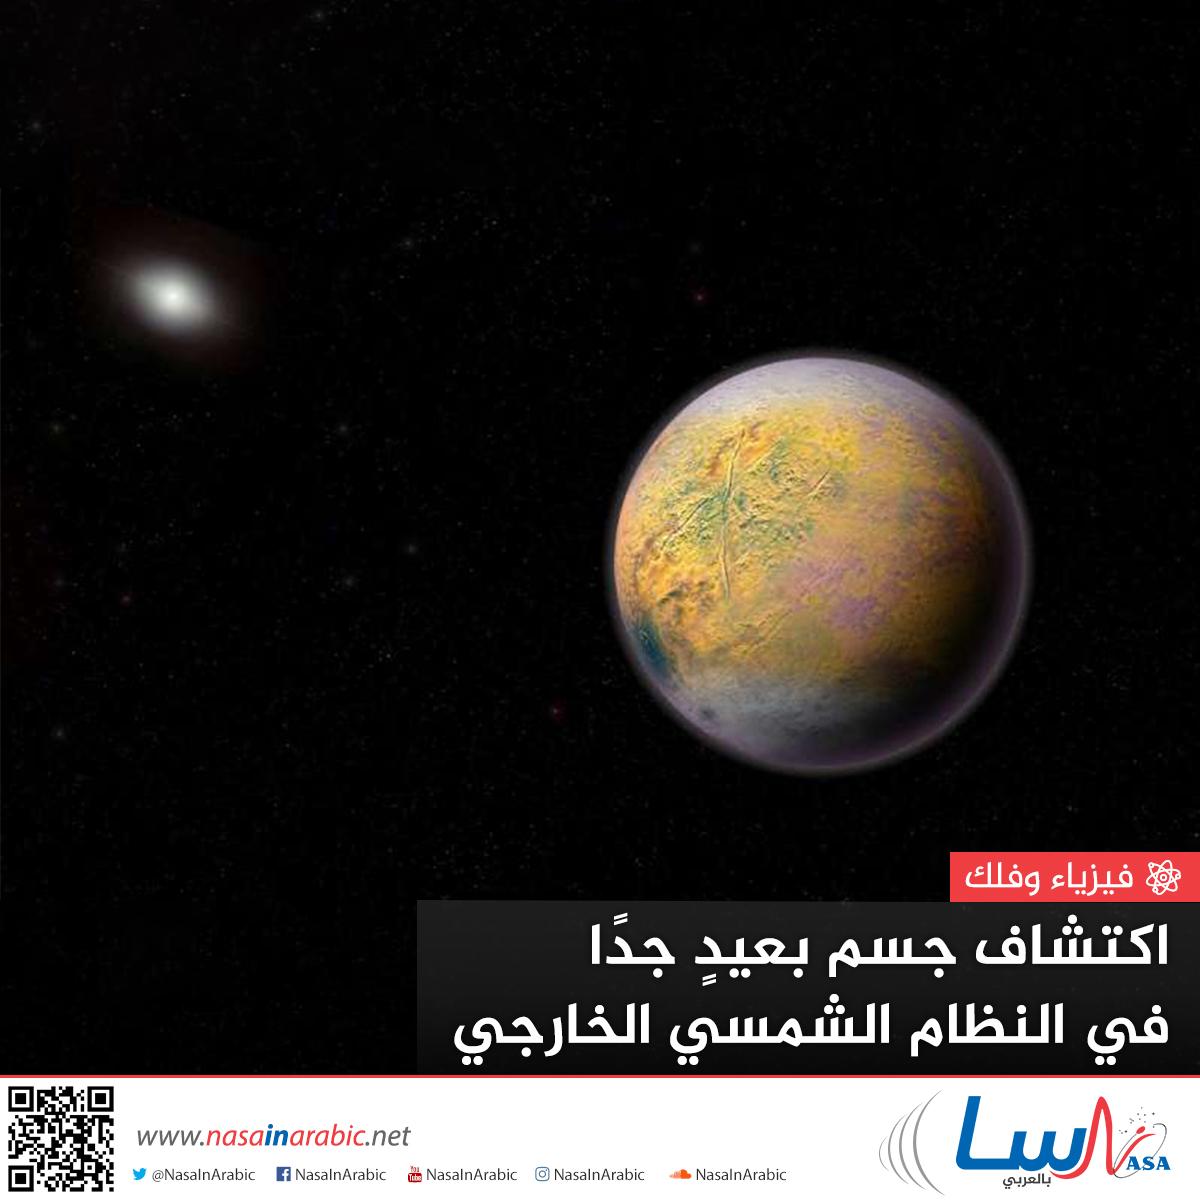 اكتشاف جسم بعيد جدًا في النظام الشمسي الخارجي